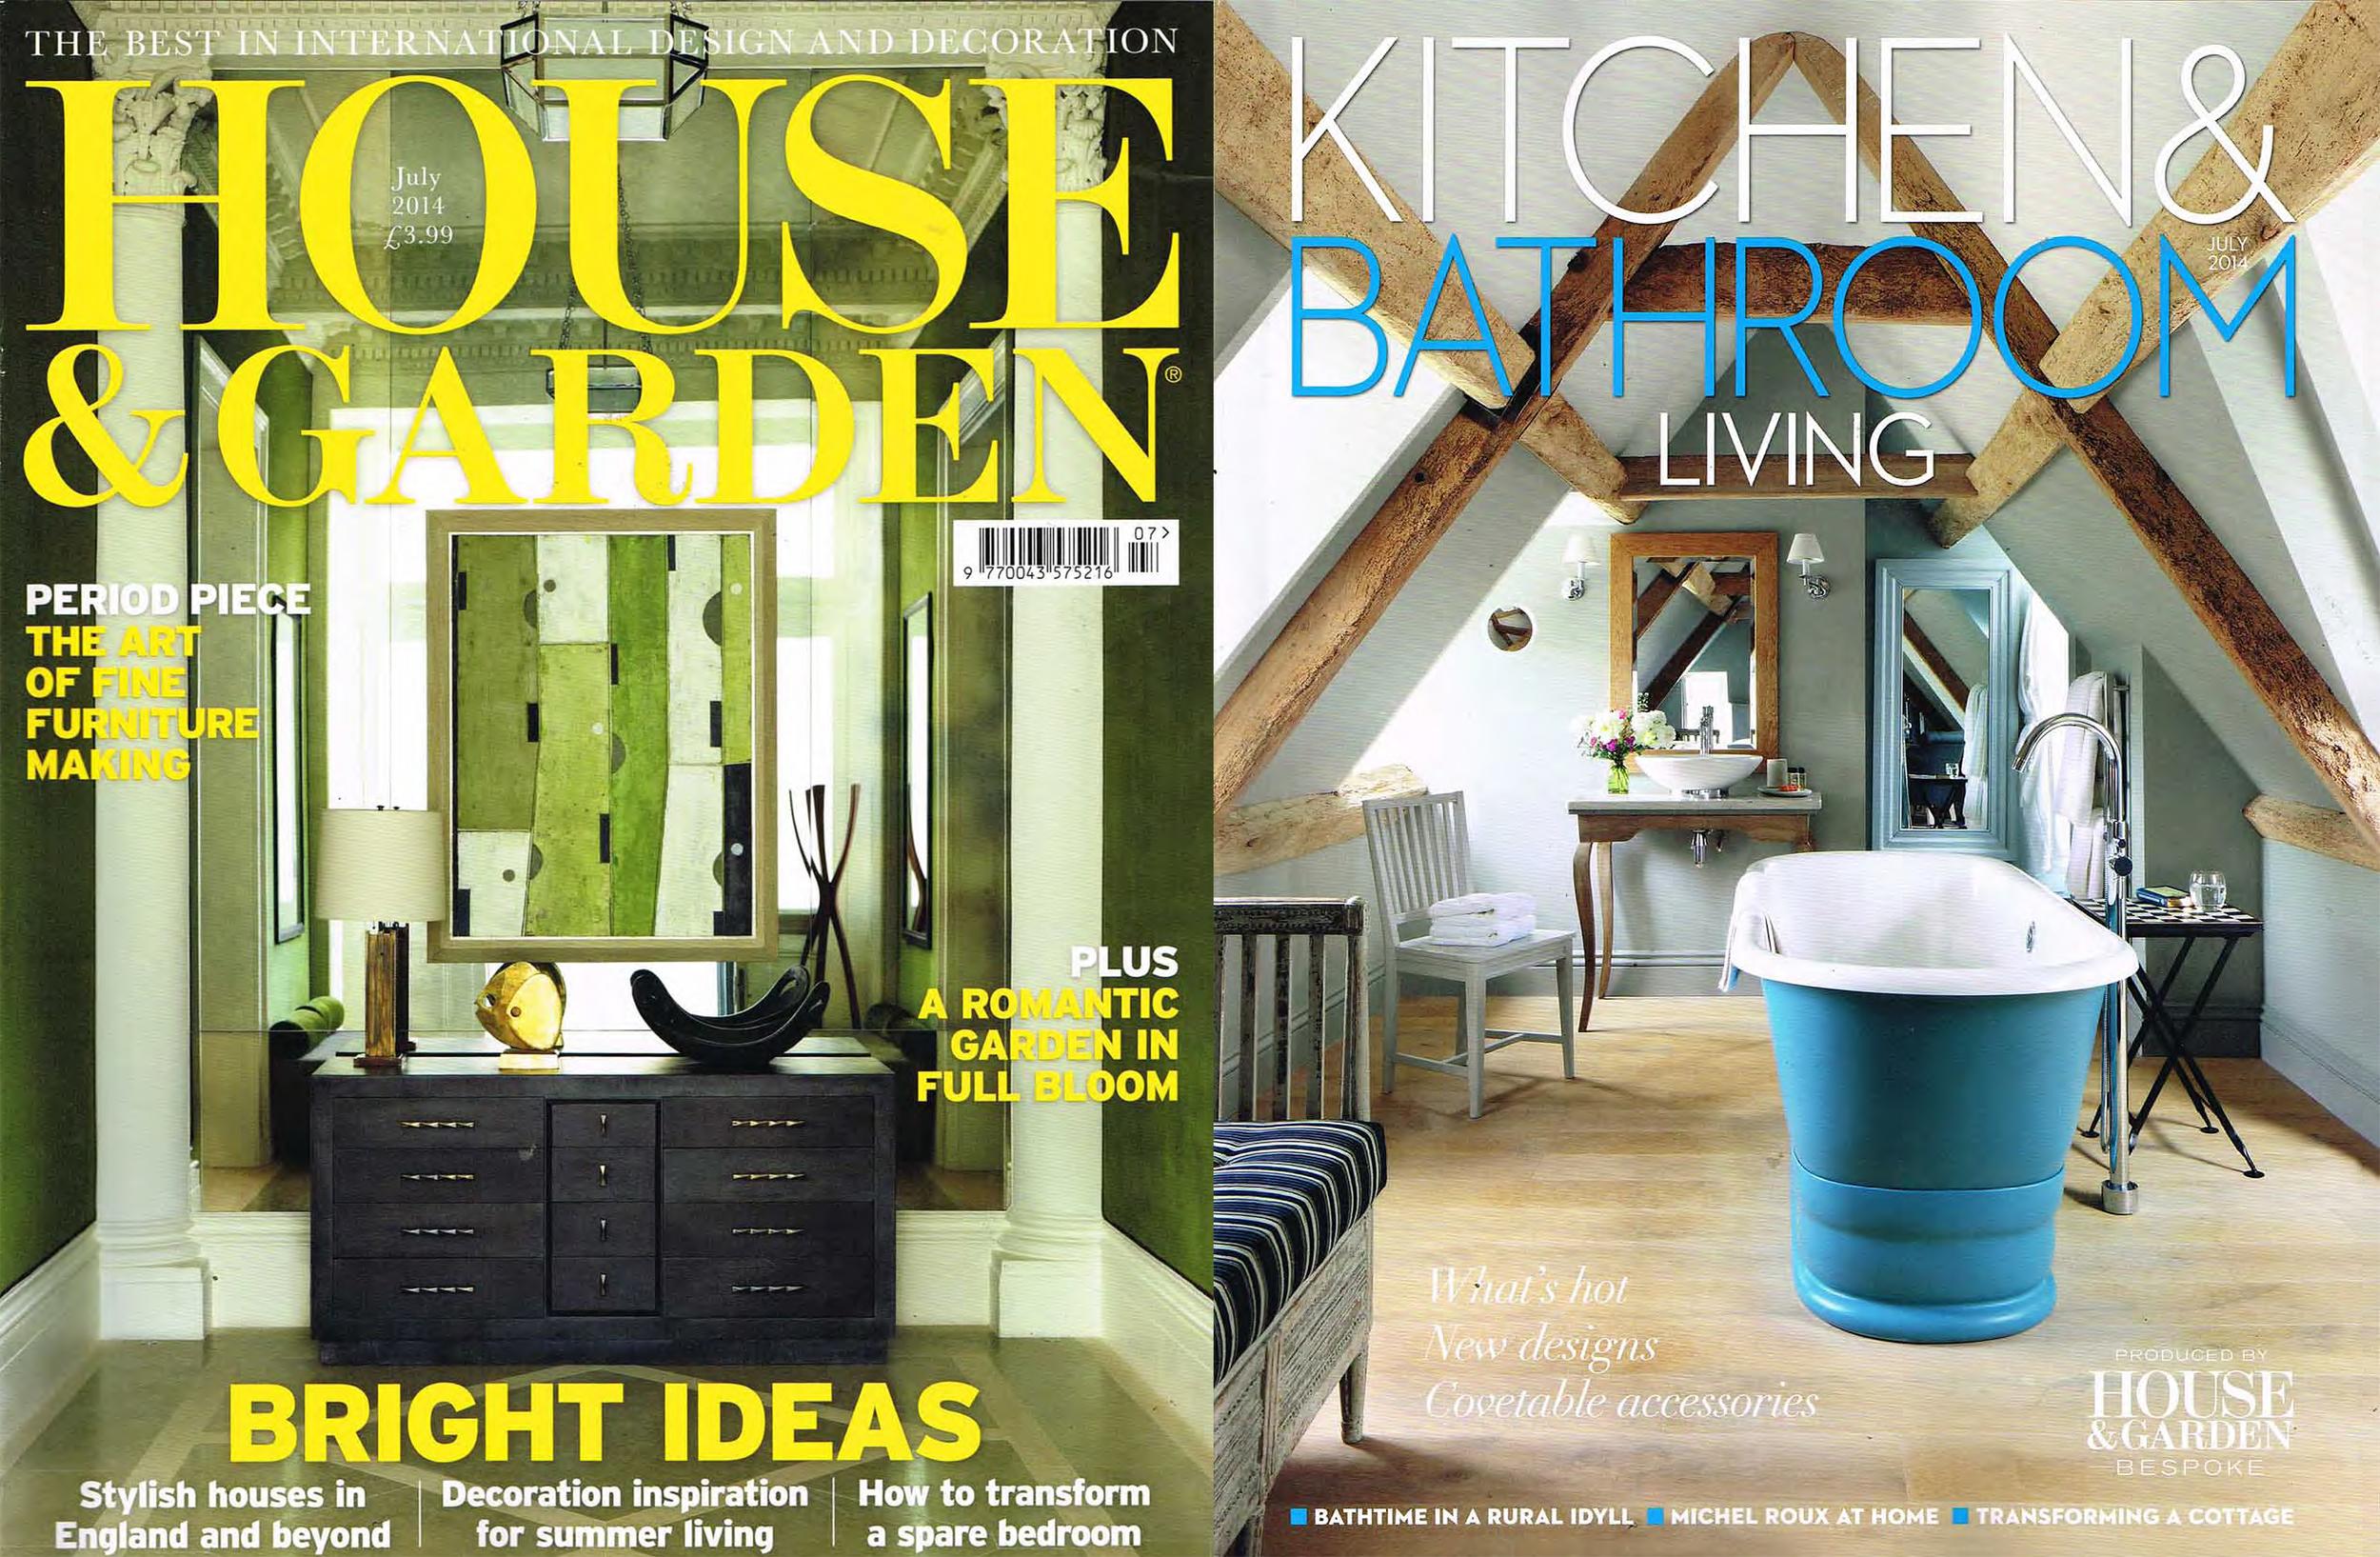 BS_House&Garden_Jul_Coverage-1.jpg